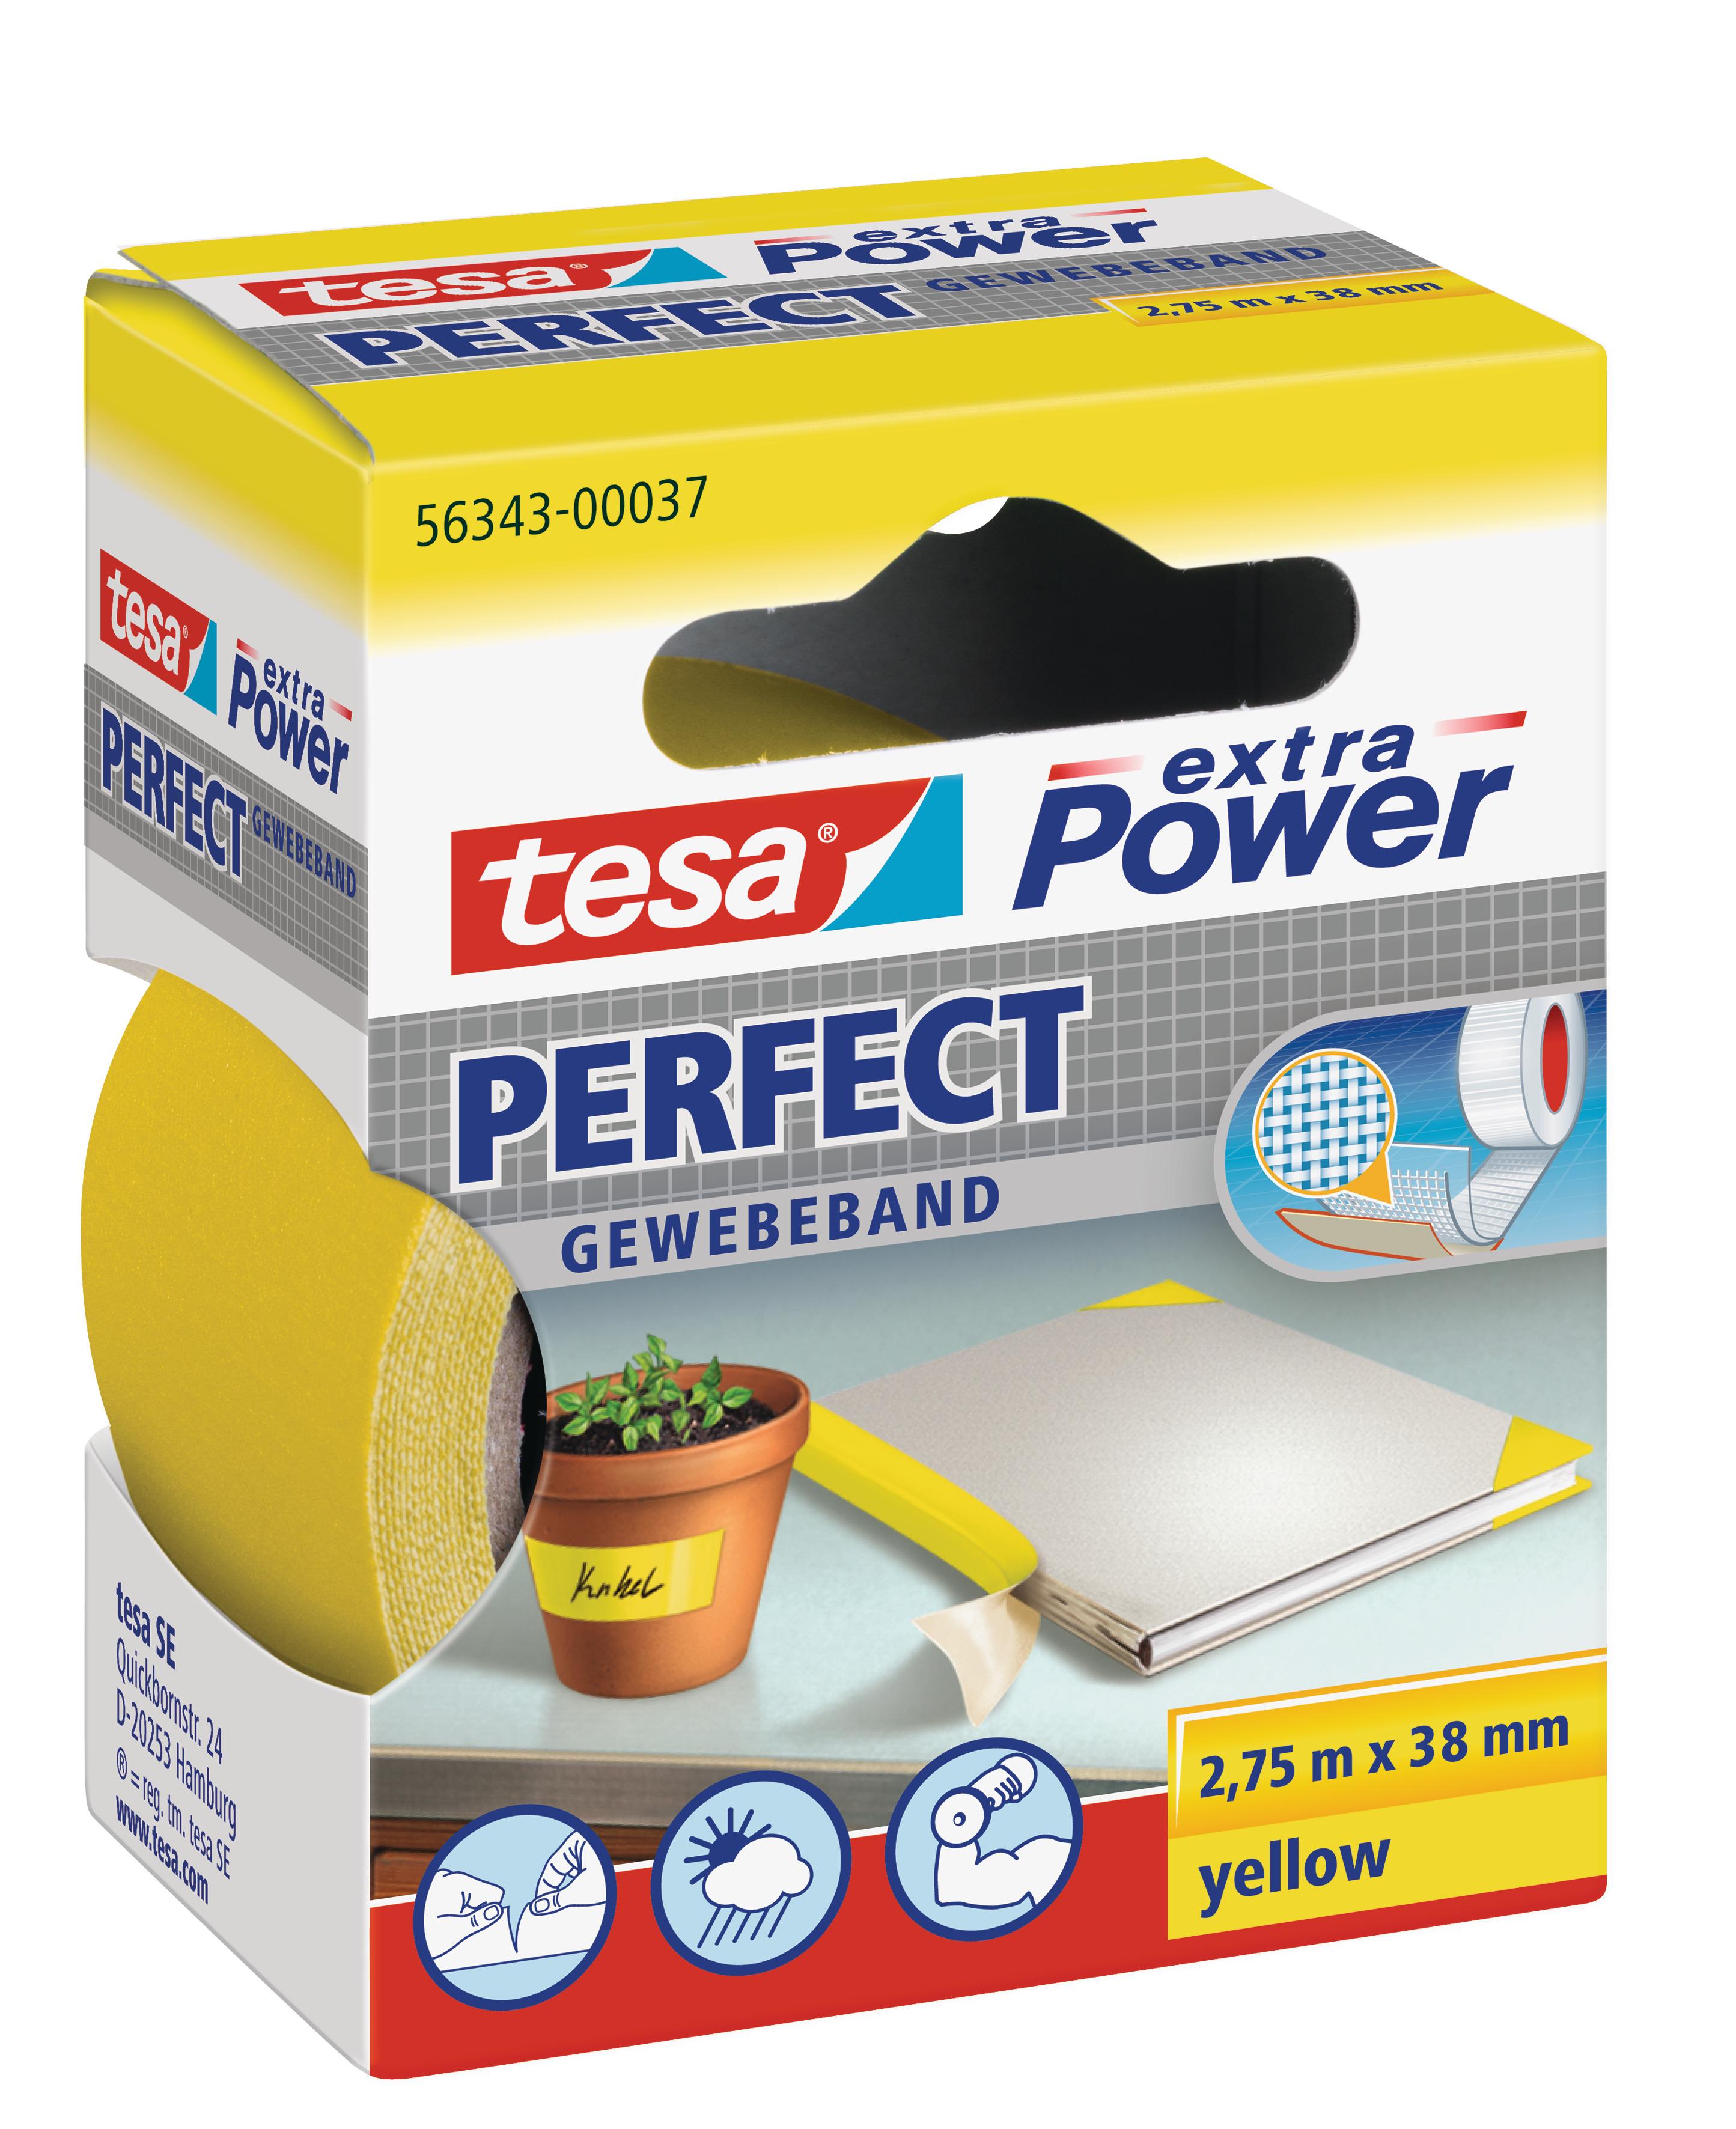 Vorschau: GP: 1,45 EUR/m tesa extra Power Perfect Gewebeband gelb 2,75m x 38mm